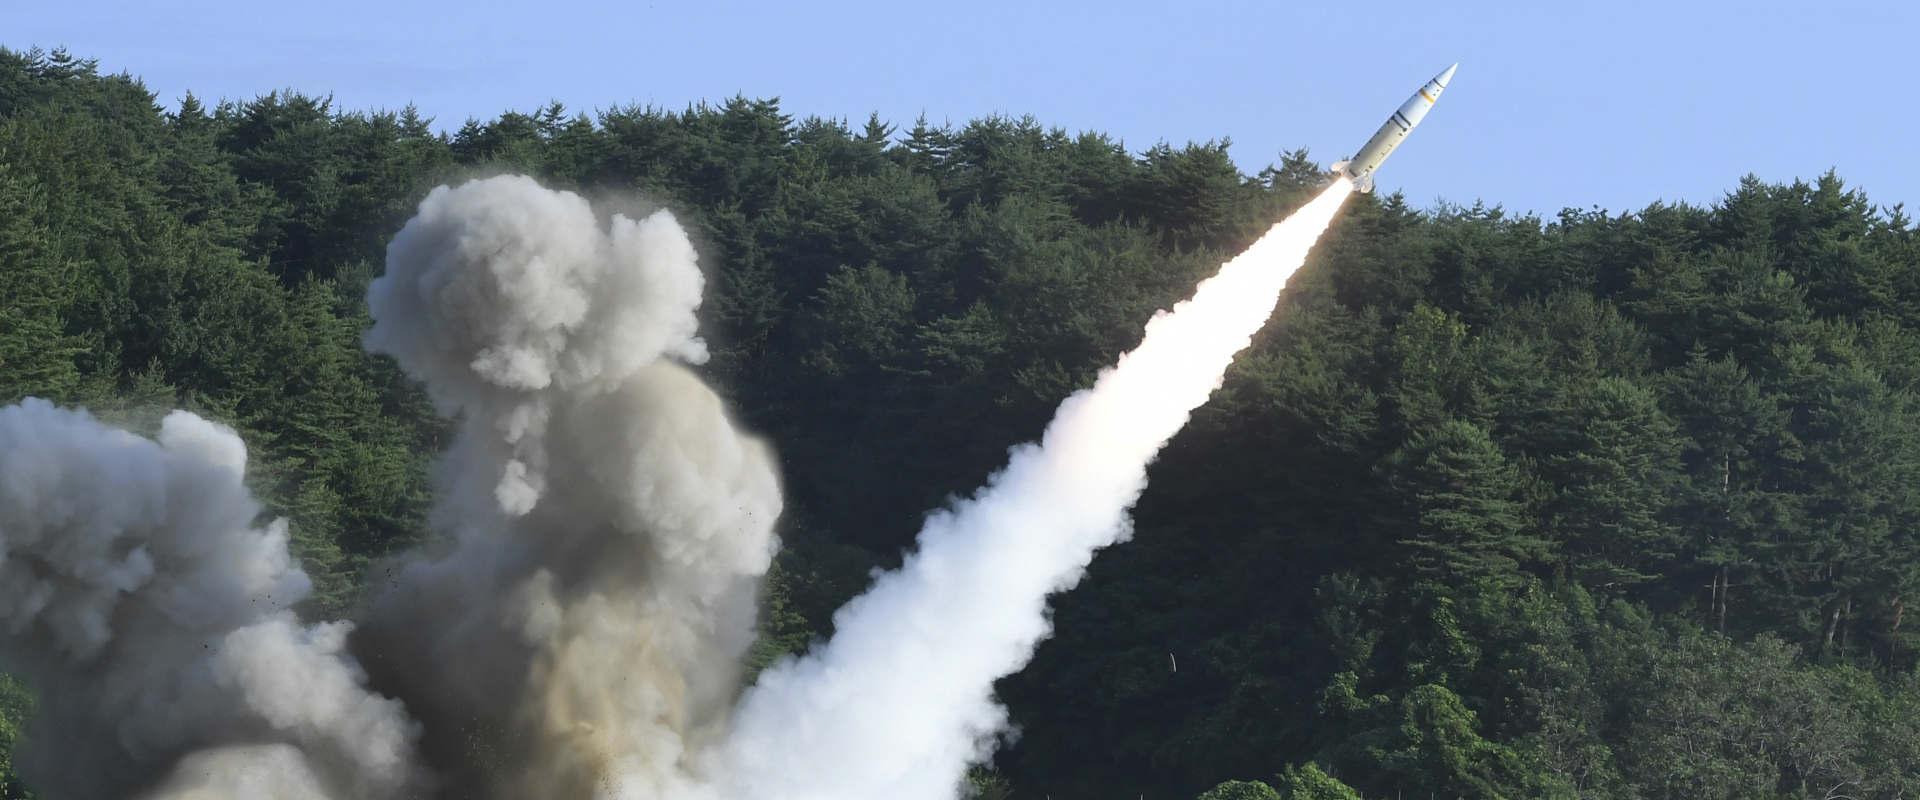 ארצות הברית ודרום קוריאה ביצעו ניסוי משותף בשיגור